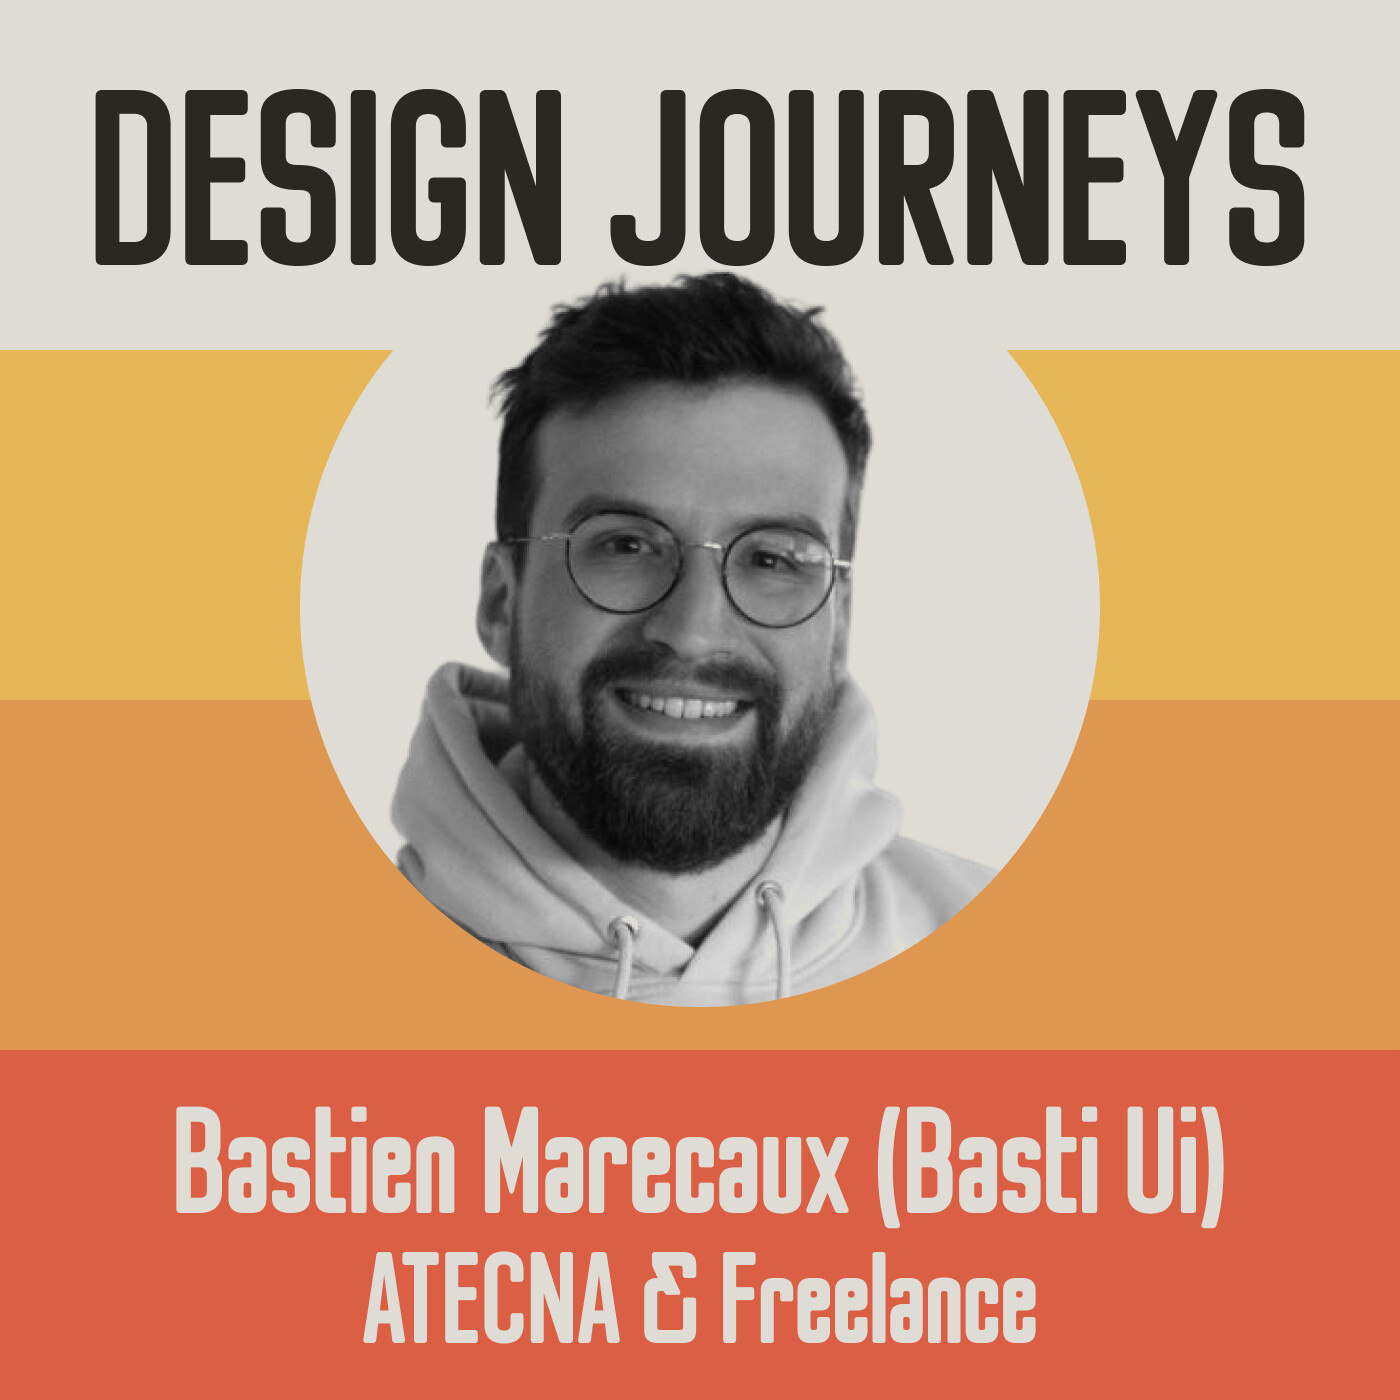 [REDIFF] Bastien Marécaux (Basti Ui) - ATECNA & Freelance - Partager ses connaissances pour progresser ensemble